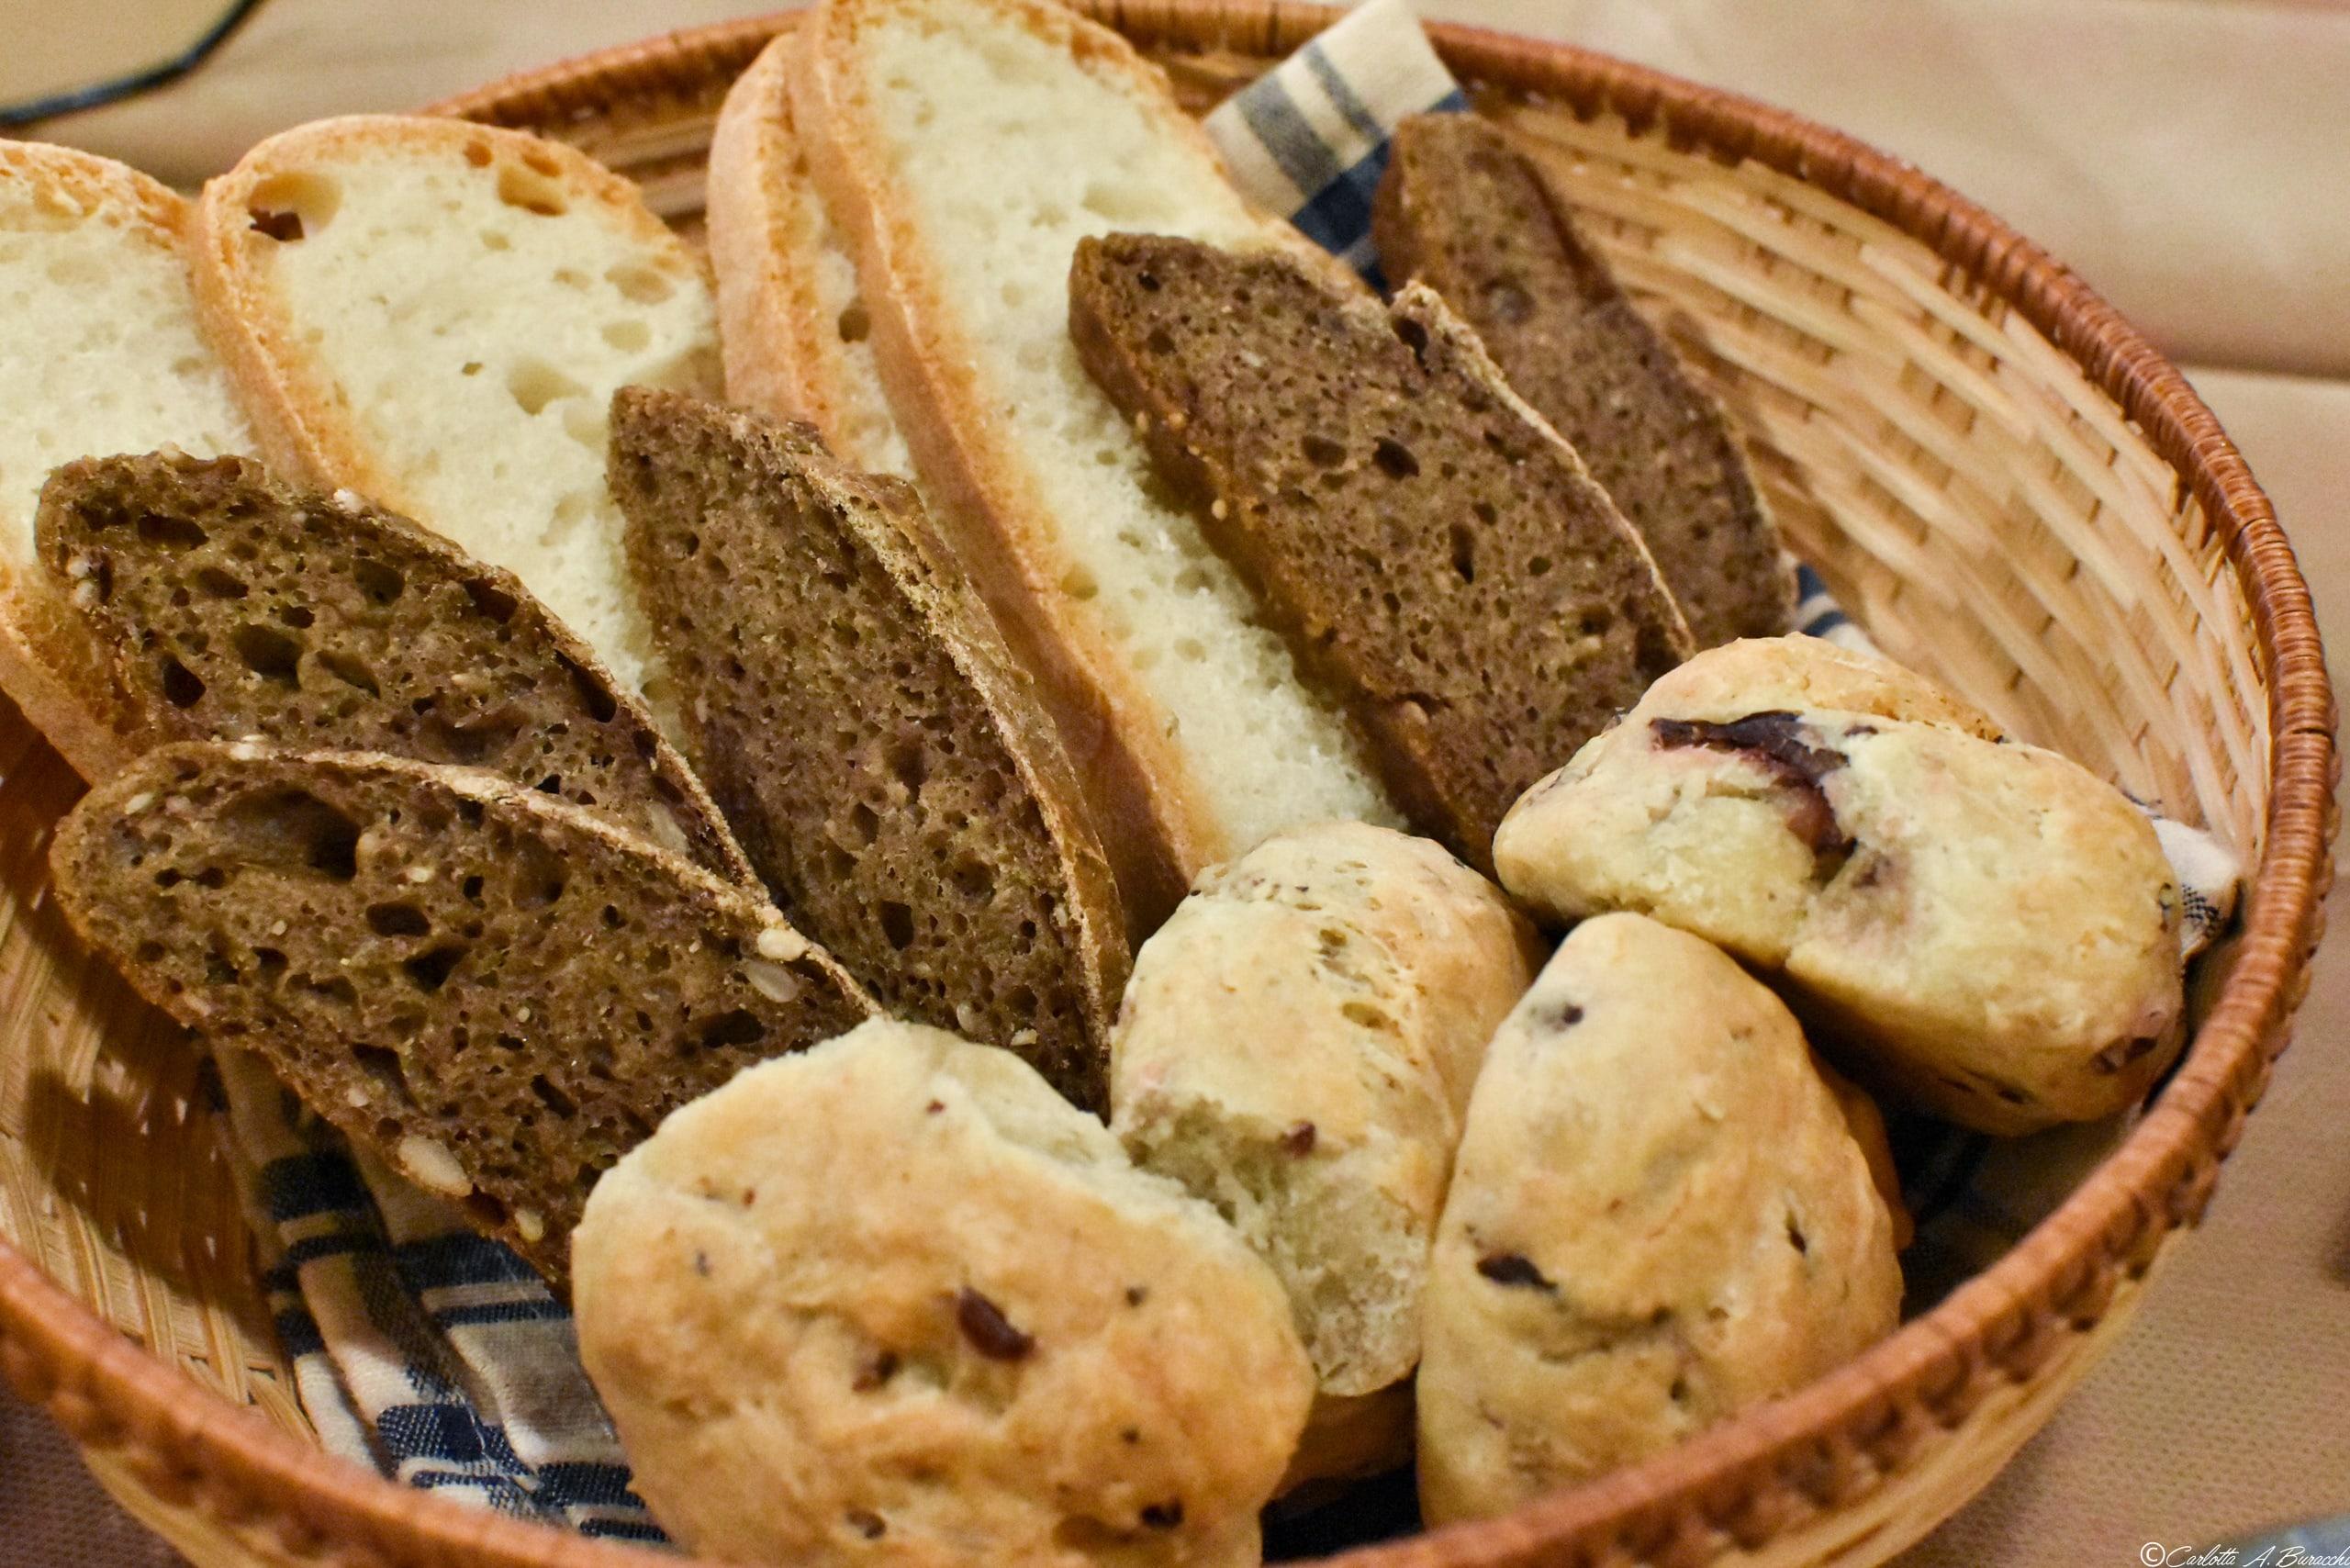 Cestino del pane fatto in casa, Ristorante Tortello Divino, Arezzo